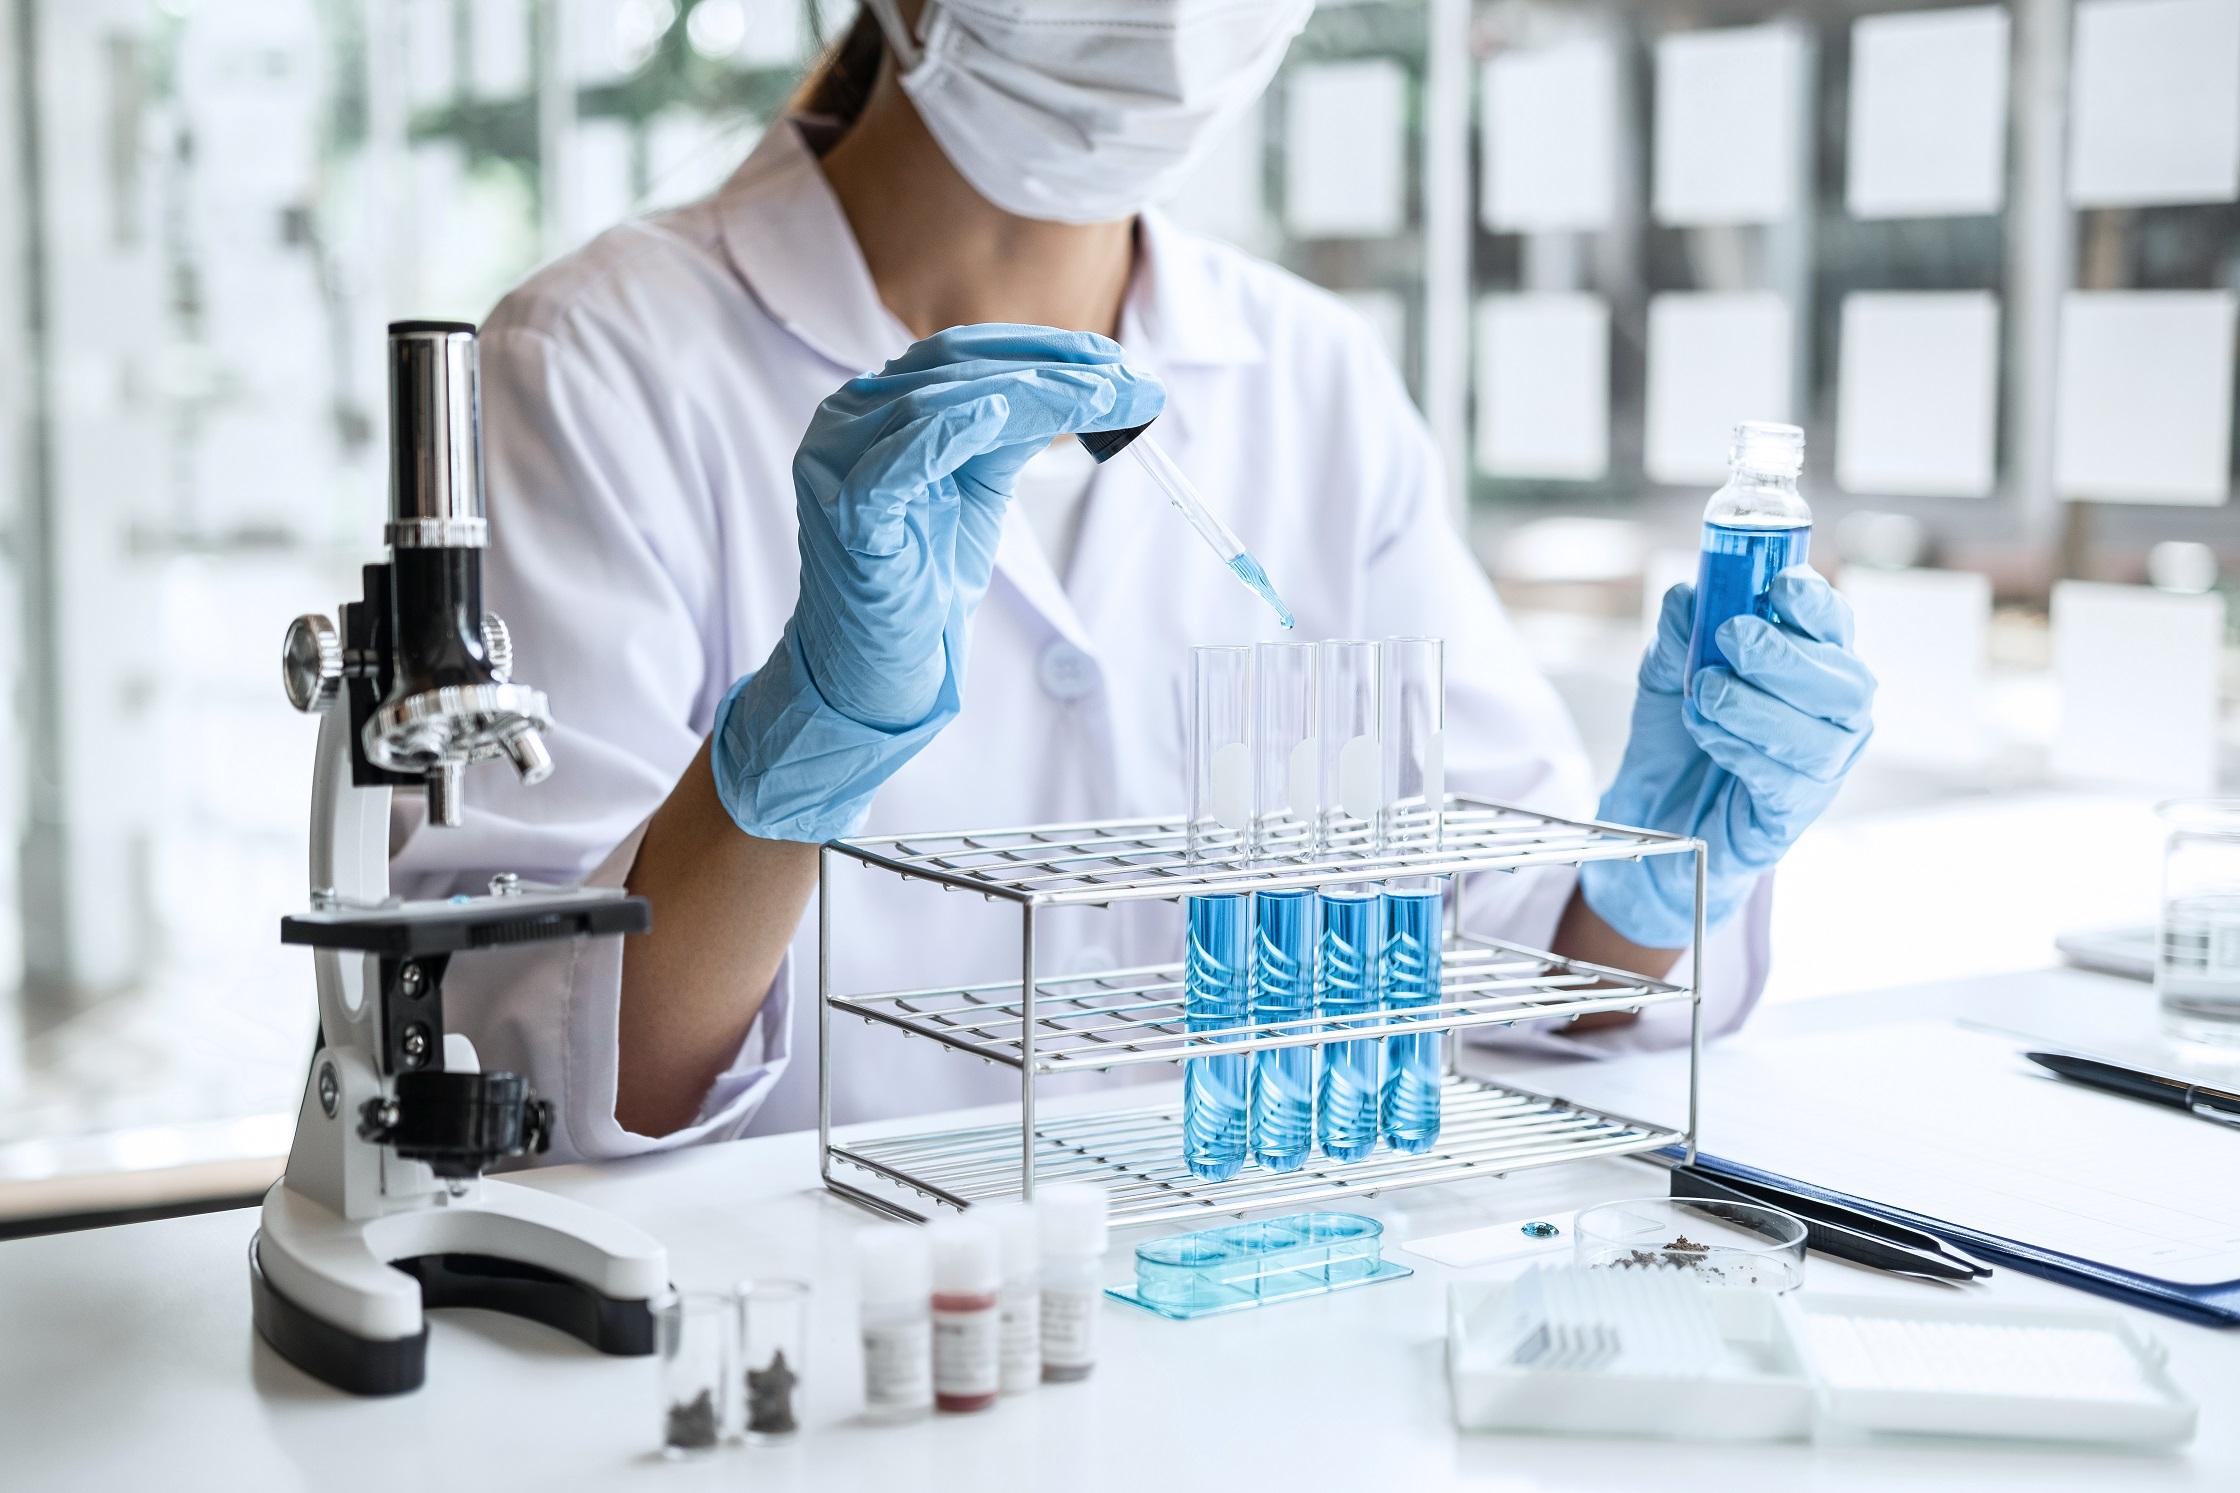 Testy laboratoryjne Colgate dotyczące Covid-19